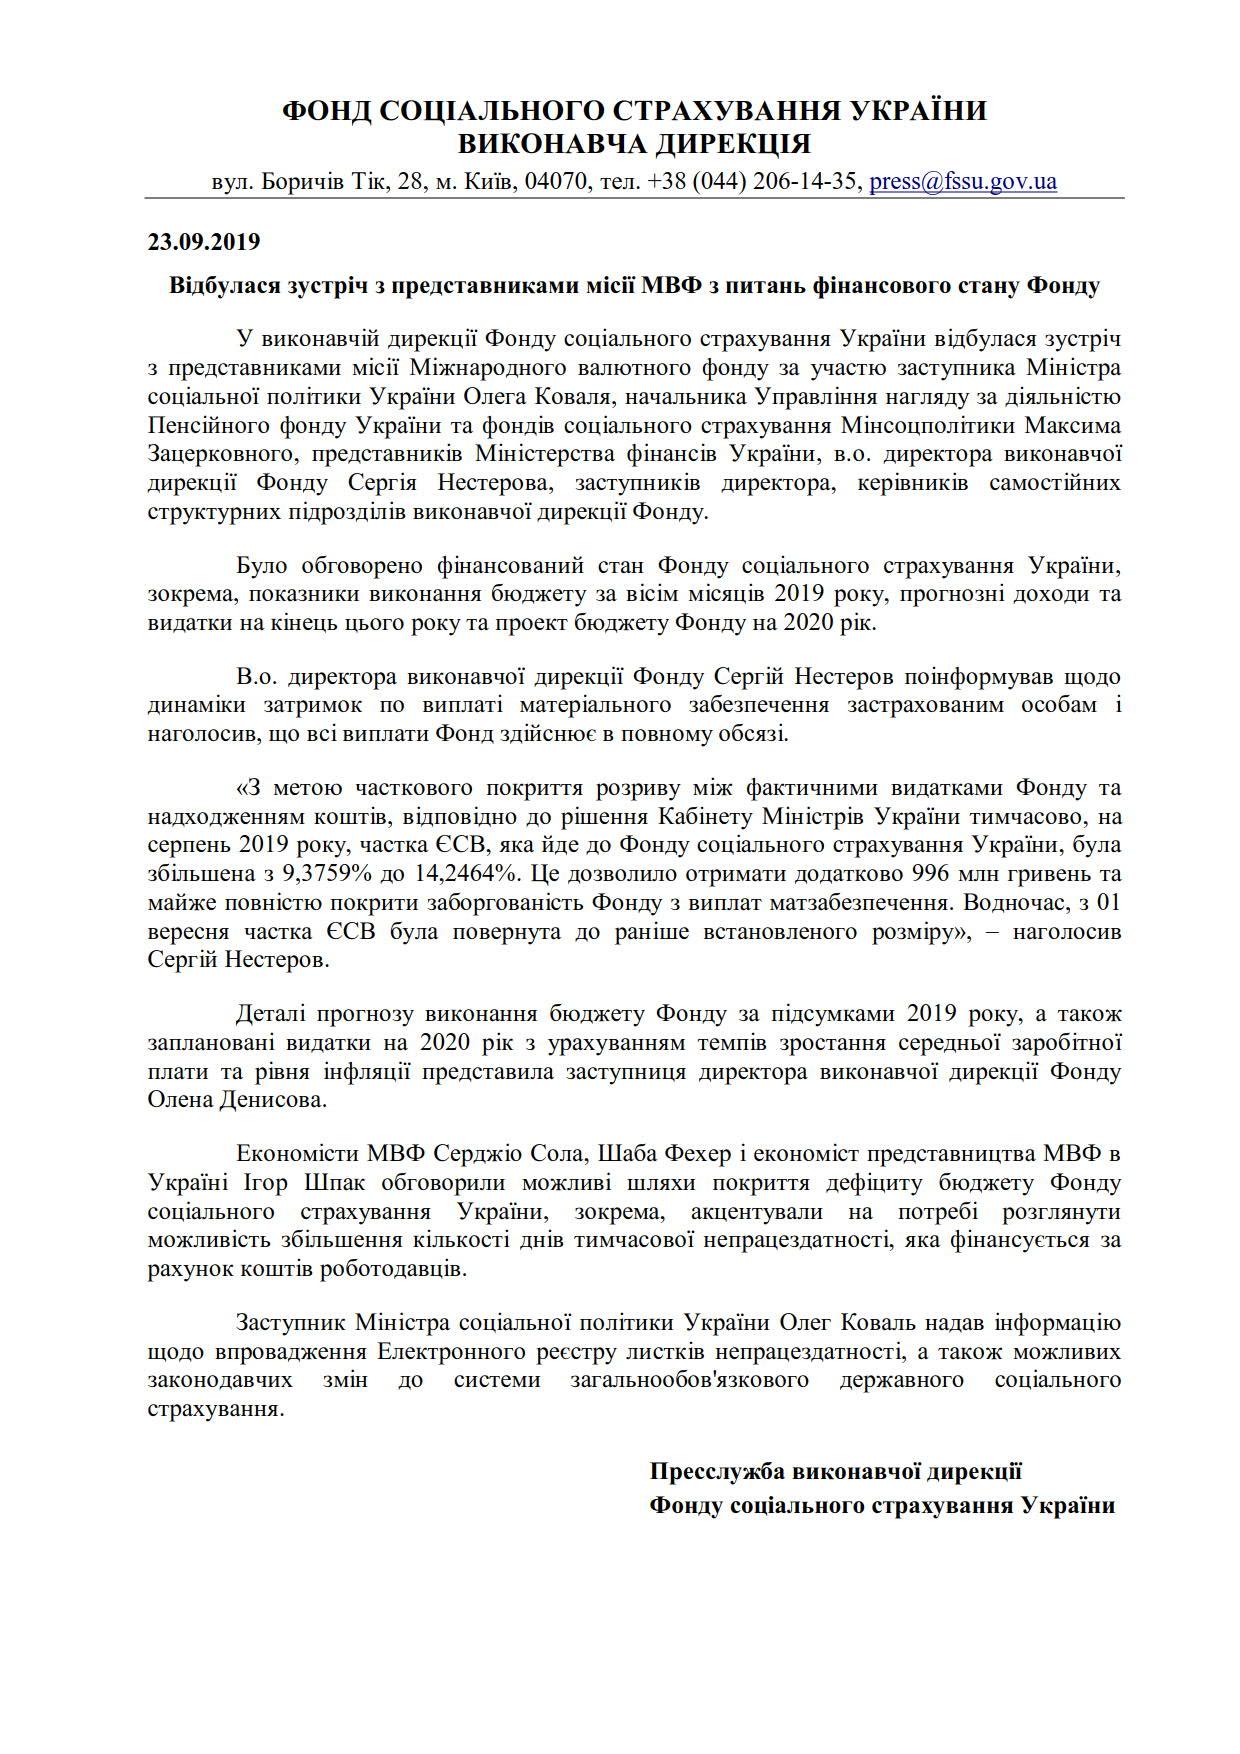 ФССУ_Зустріч з місією МВФ-1_1